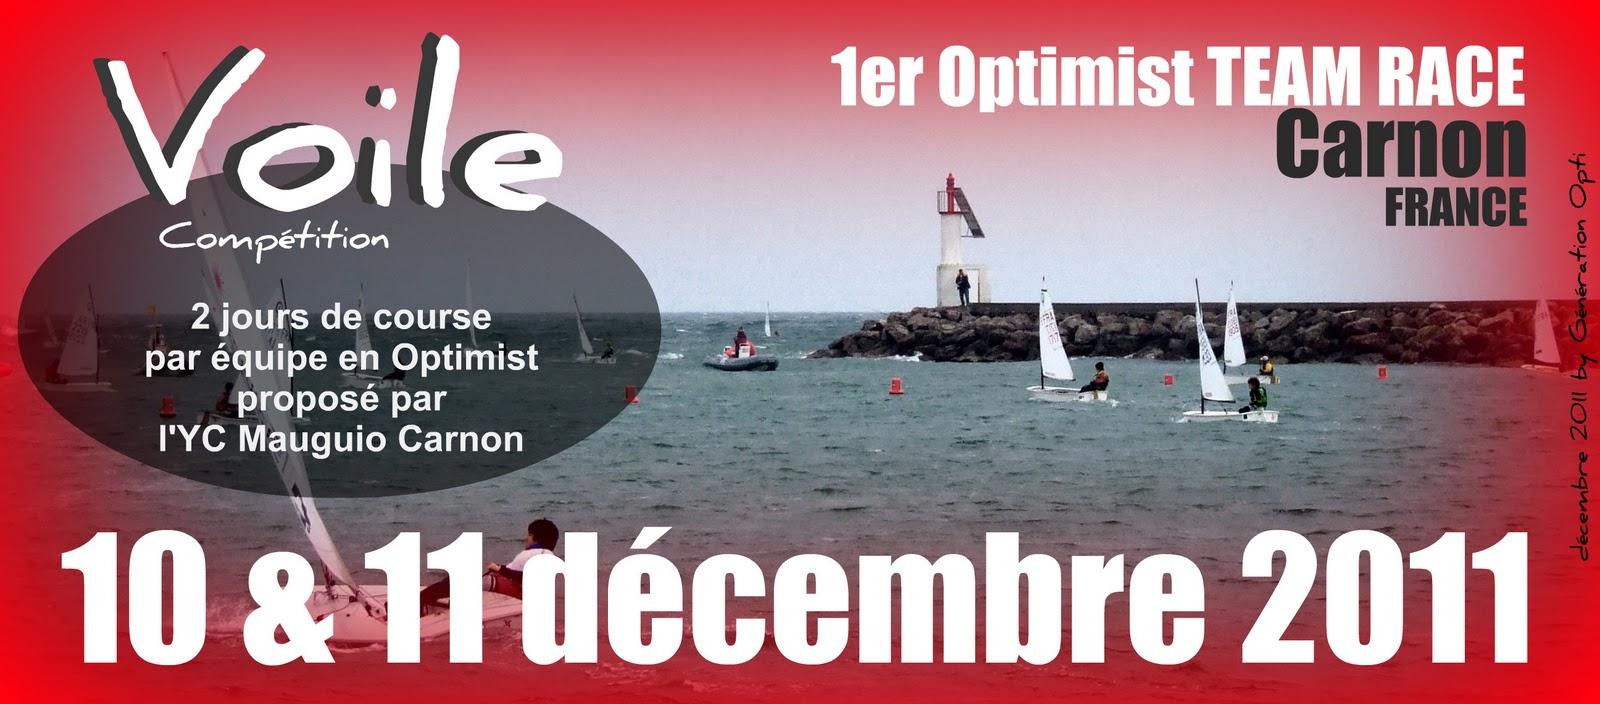 Voile Optimist Opti Compétition régate TEAM_RACE Carnon 2011 34 Hérault Generation_Opti